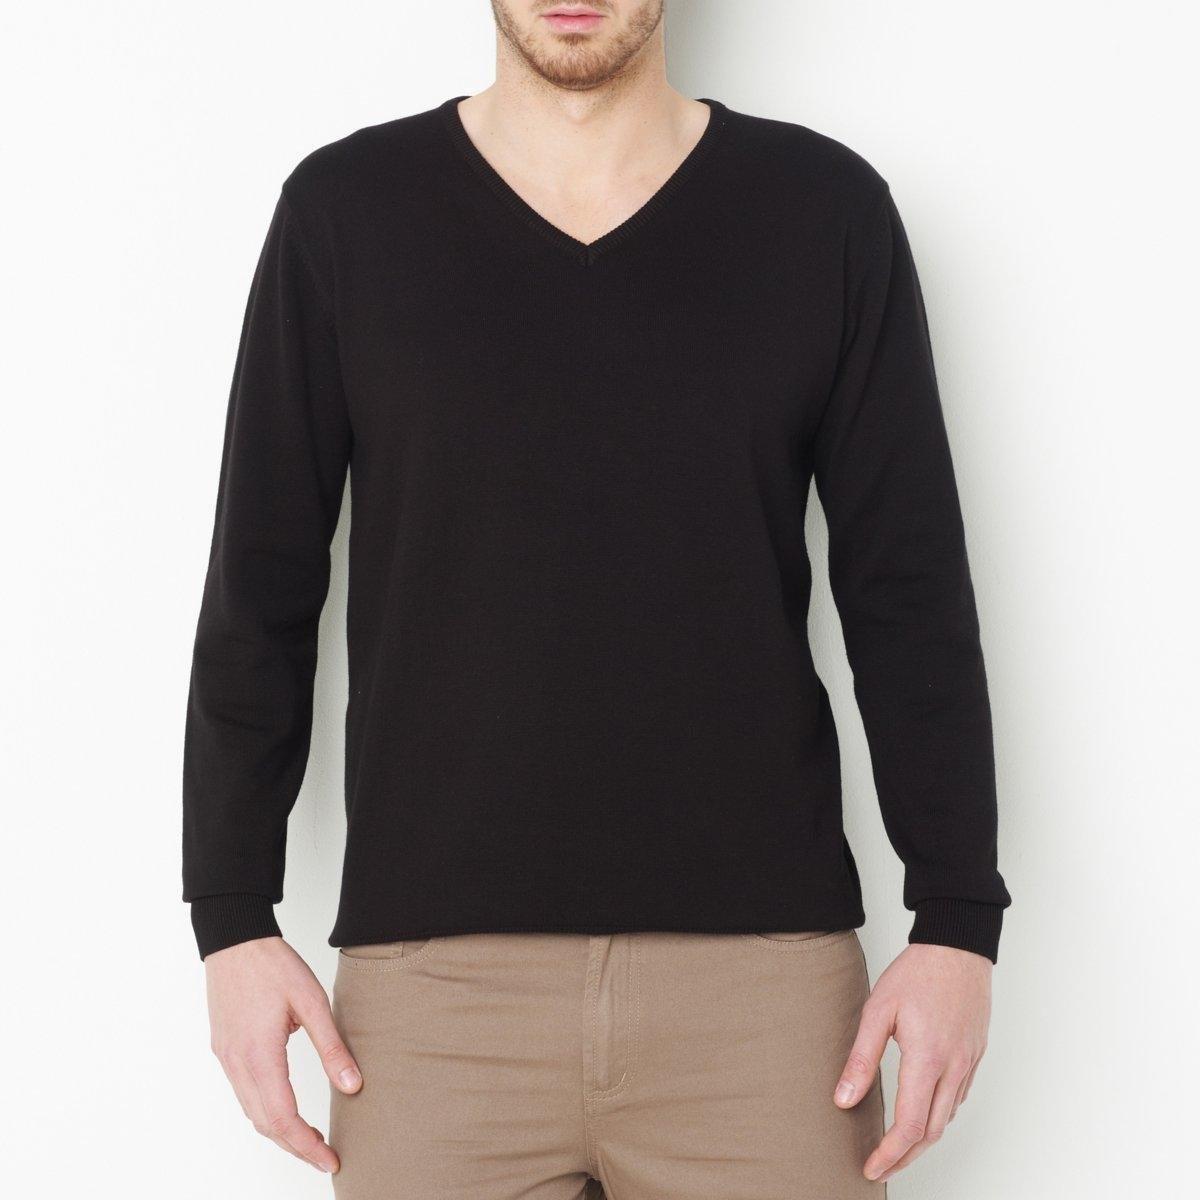 Пуловер с V-образным вырезомдлина спереди : 73 см для размера 50/52 и 81 см для размера 82/84.- длина рукавов : 64,5 см.<br><br>Цвет: темно-синий,черный<br>Размер: 62/64.62/64.58/60.54/56.50/52